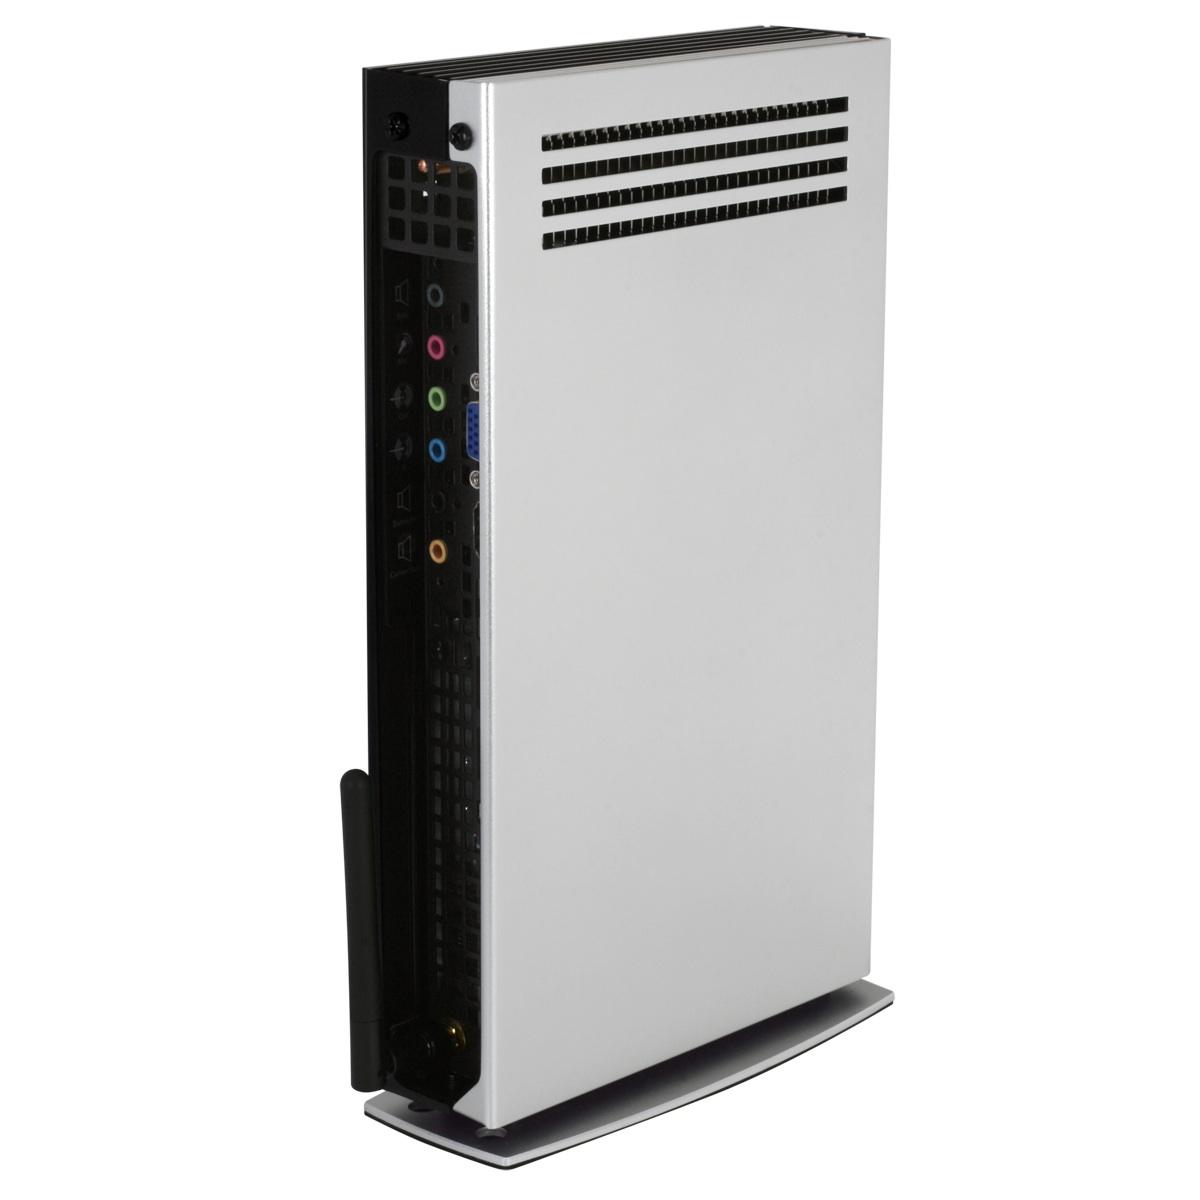 Arctic MC001-XBMC: Mediacenter mit Atom, Linux und XBMC 12 - Arctic MC001-XBMC (Bild: Hersteller)